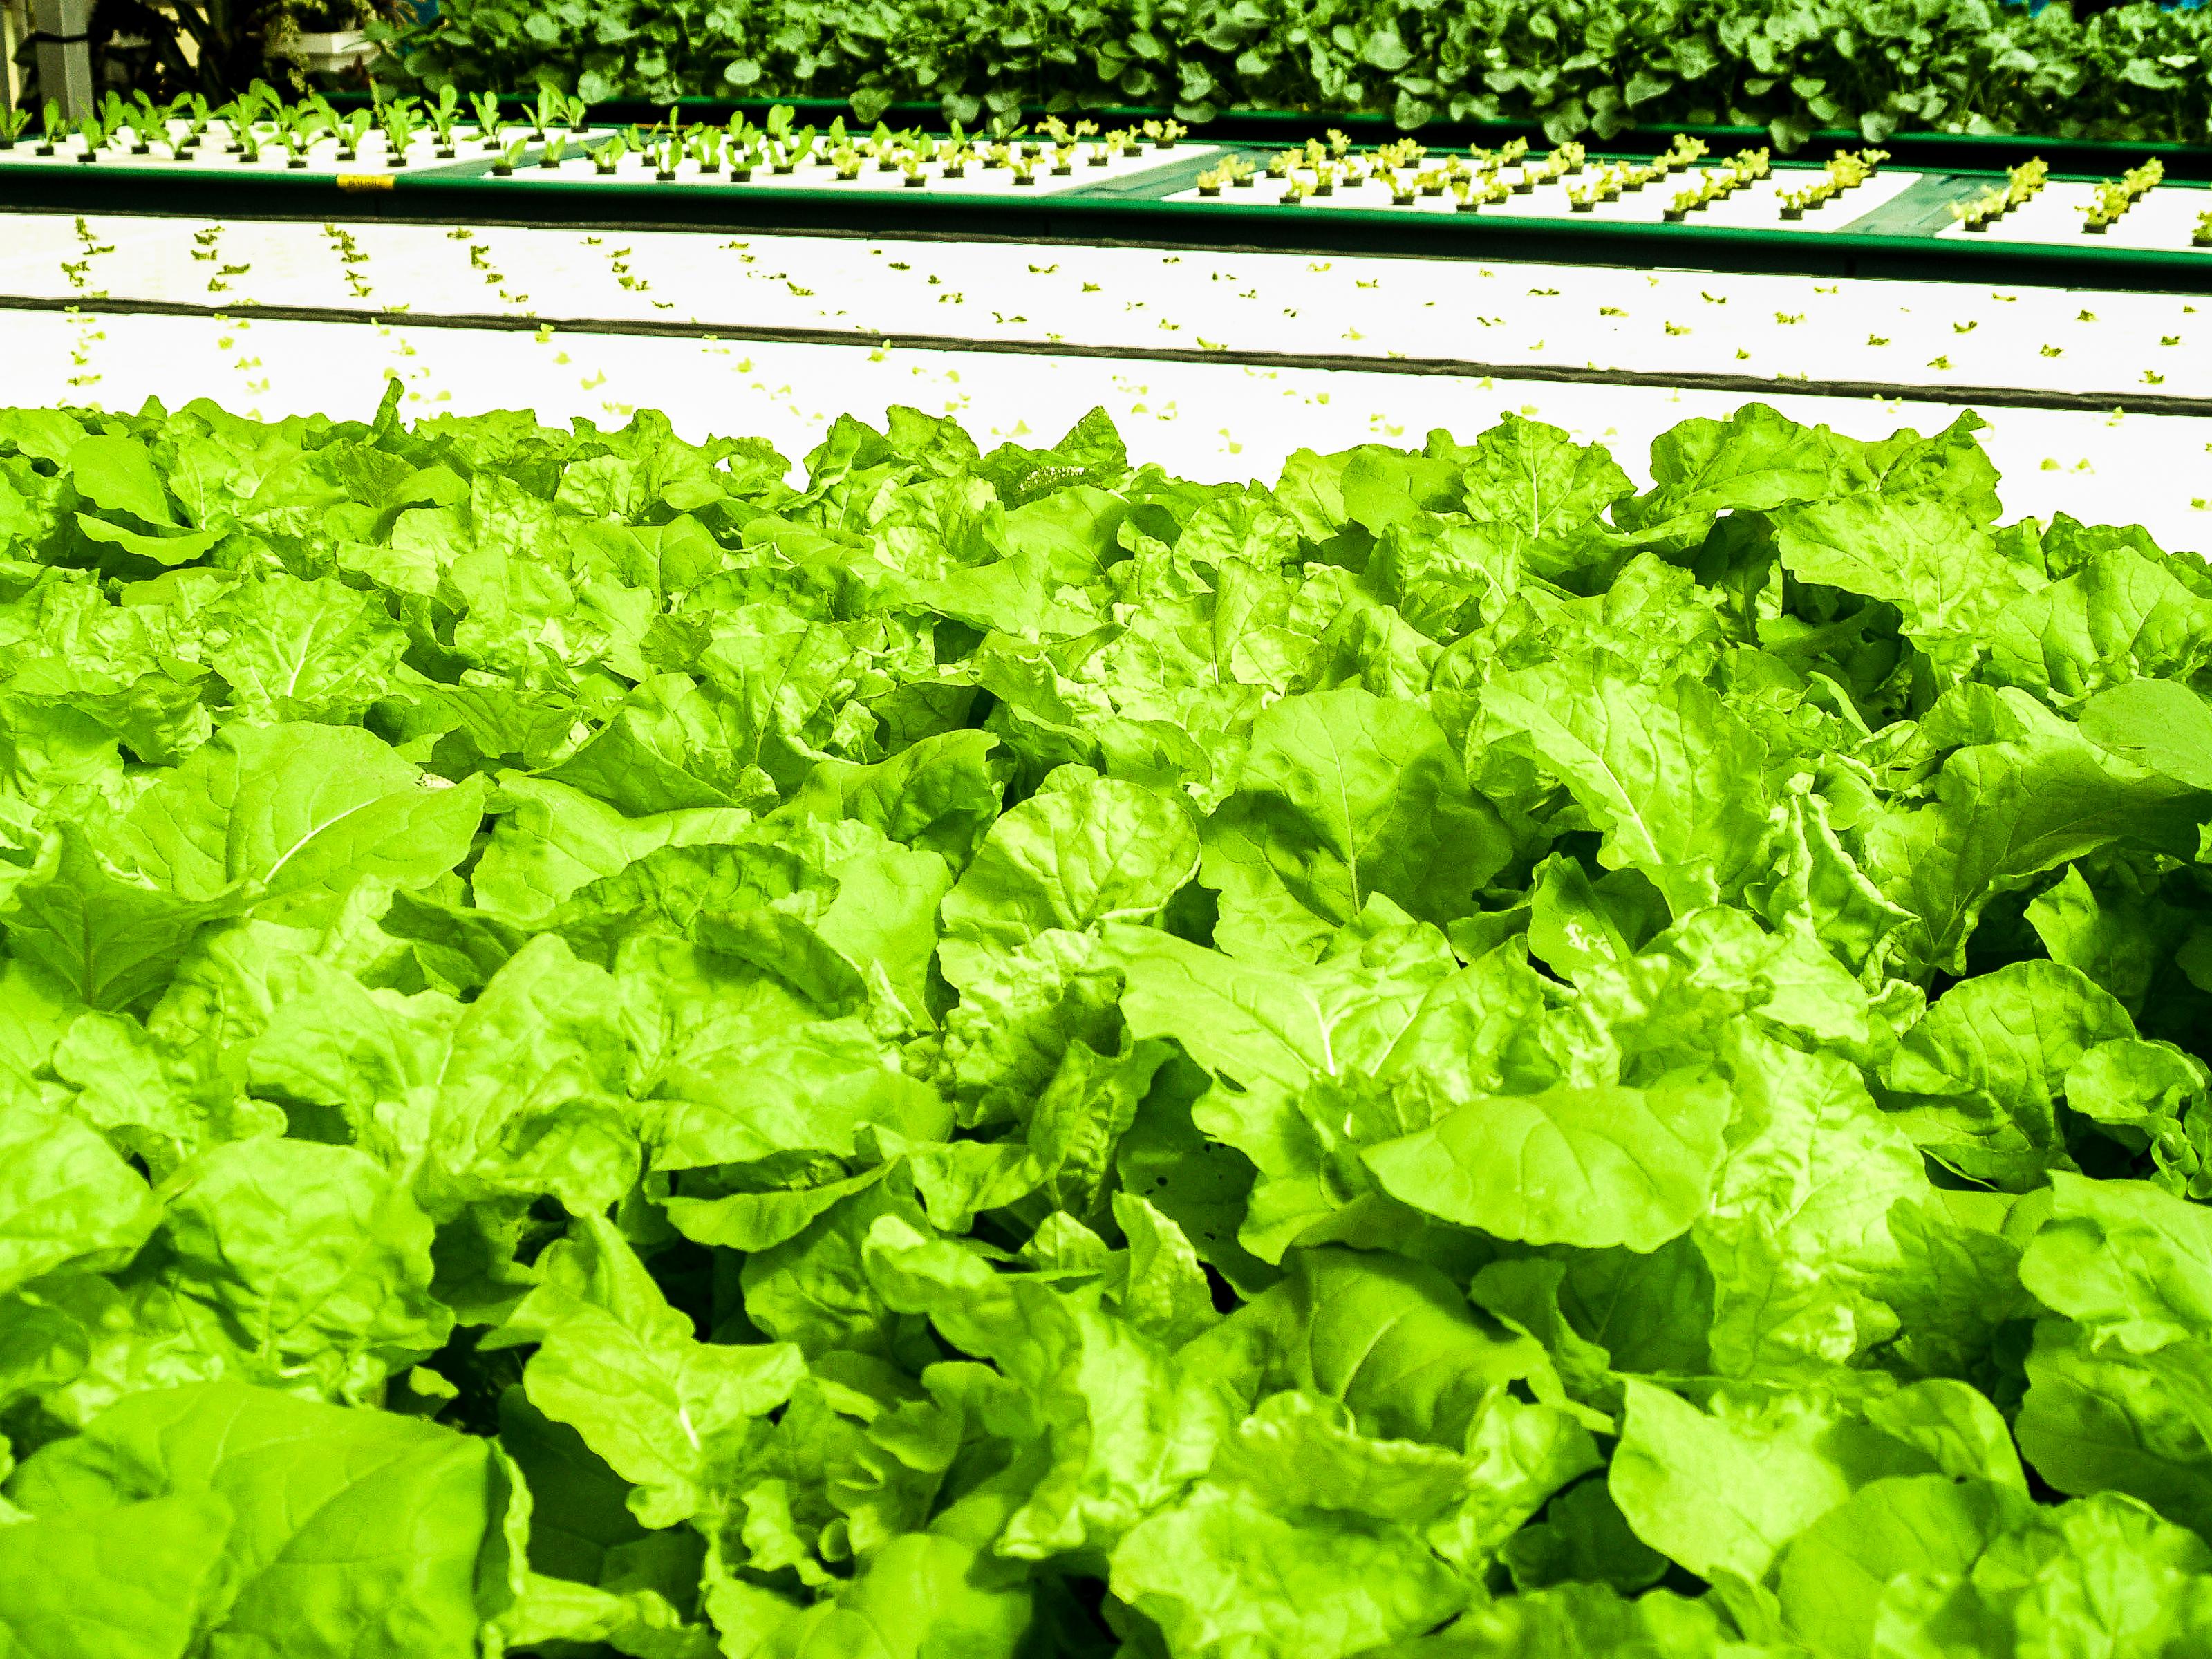 Gambar Tanah Pertanian Hijau Makanan Hidroponik Taman